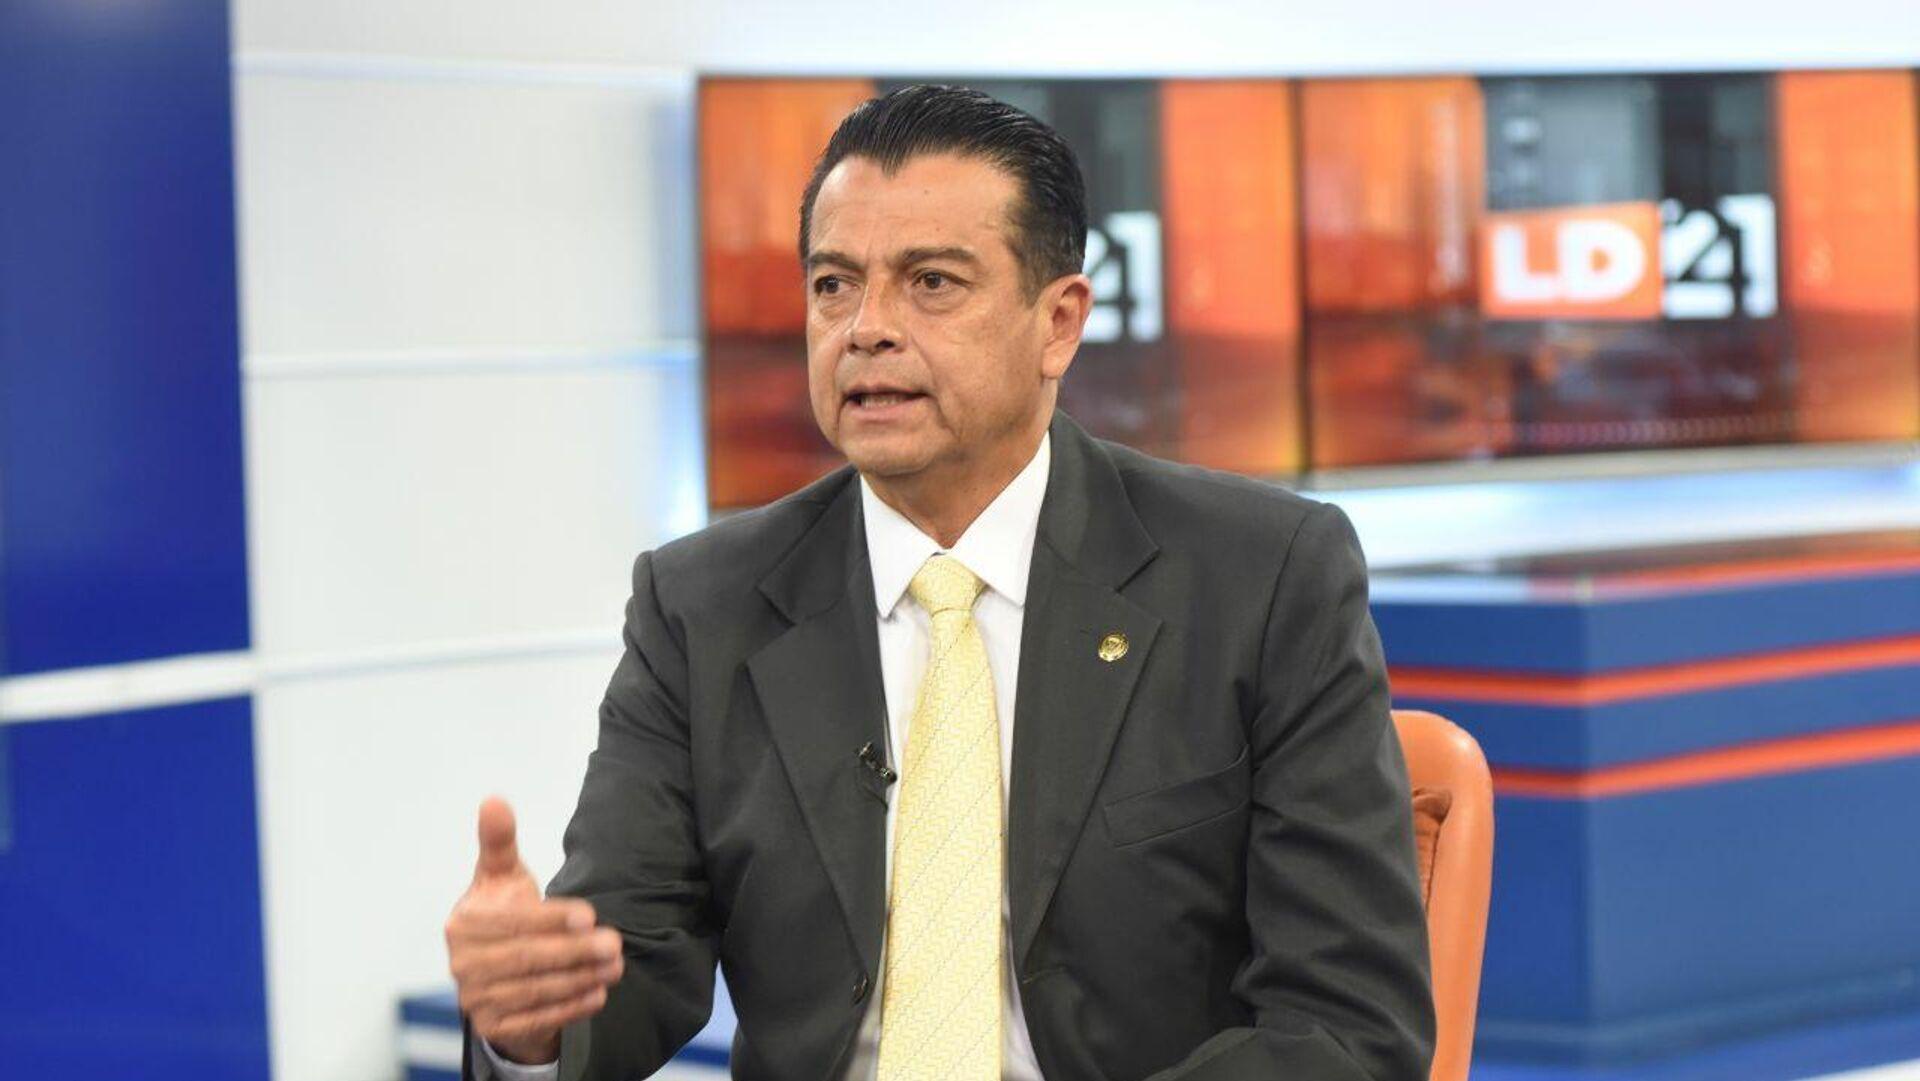 Patricio Pasmiño Castillo, exministro de Gobierno de Ecuador - Sputnik Mundo, 1920, 05.03.2021